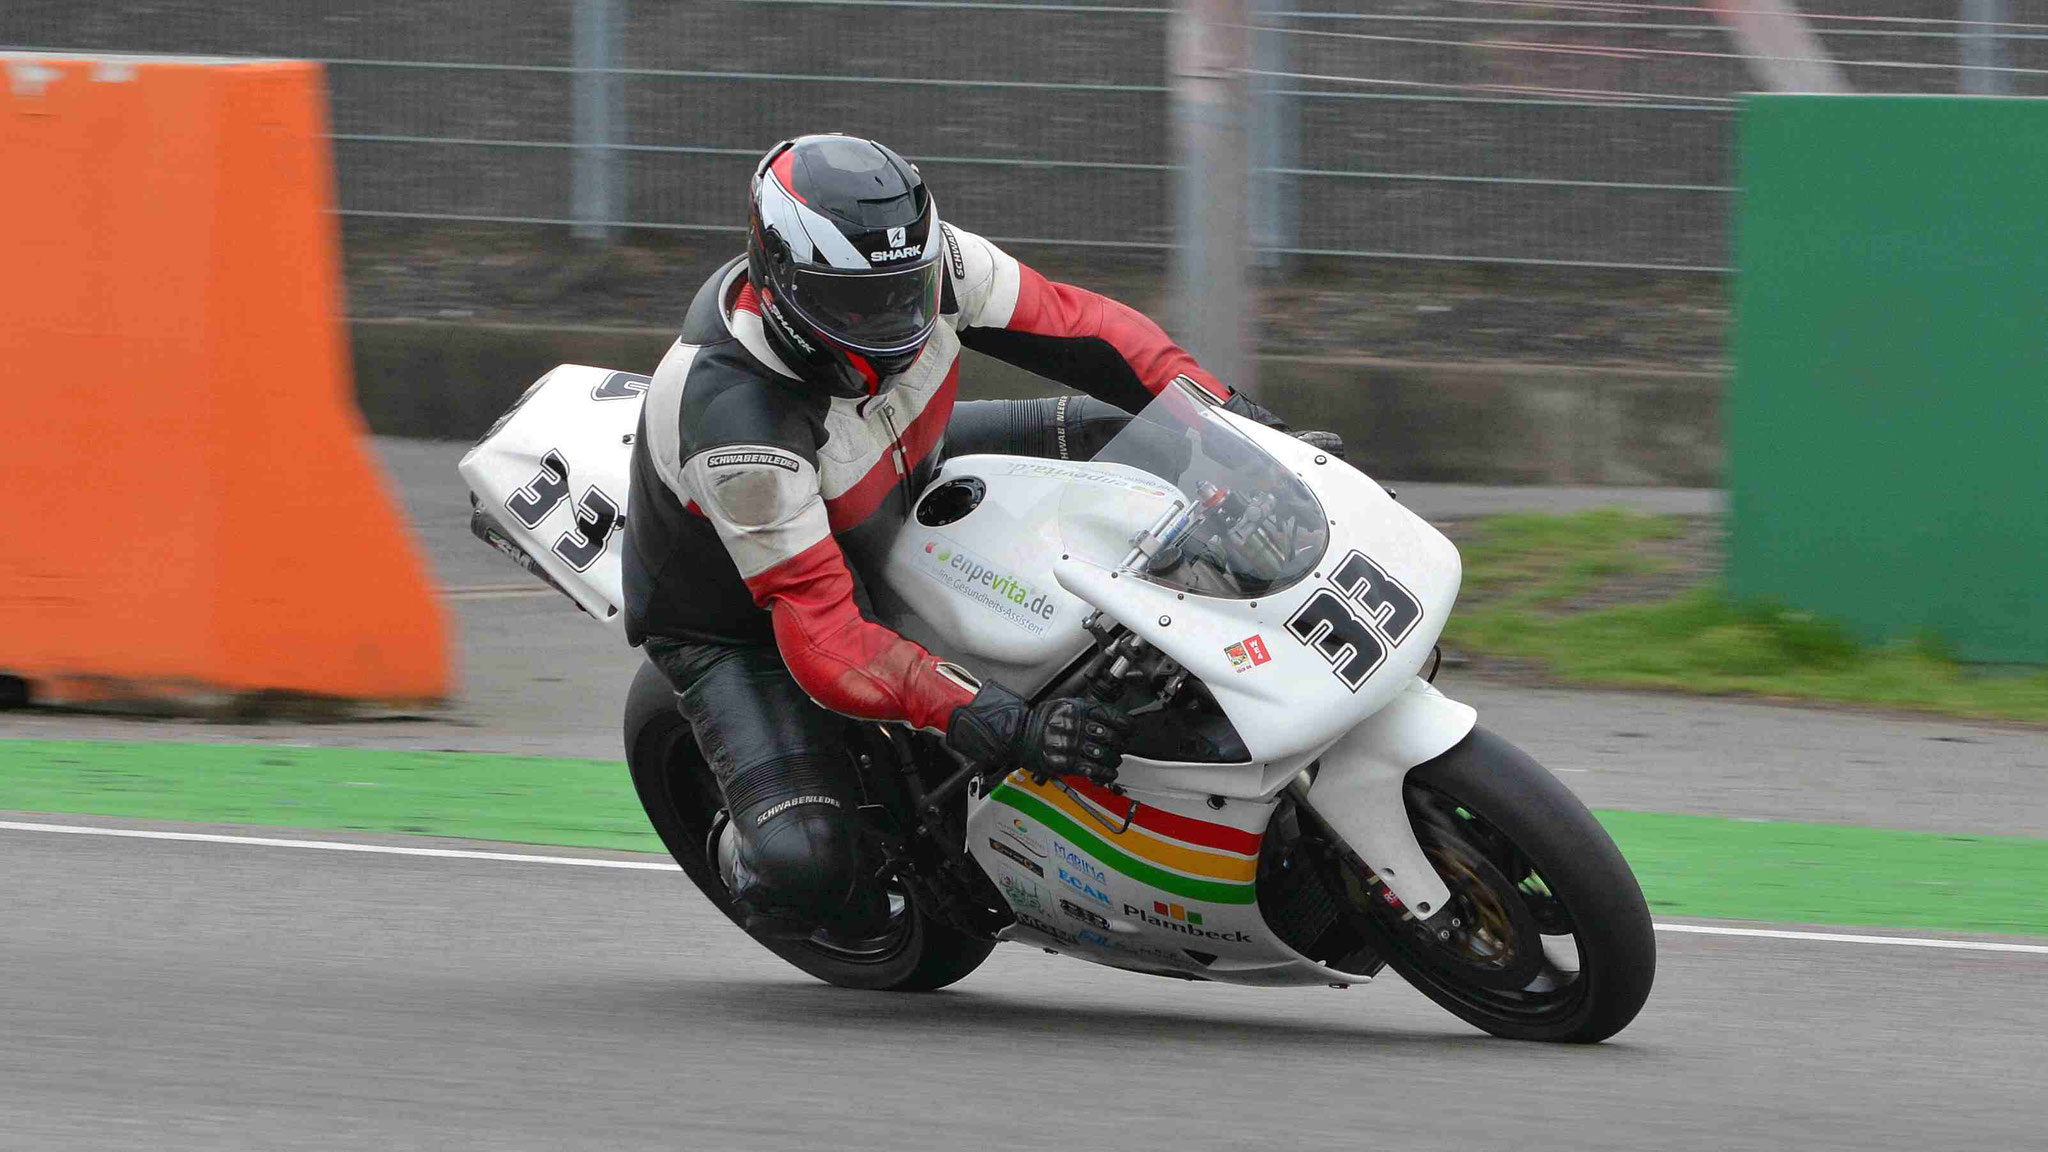 Frank Behrje - DUCATI 996RS - 2002